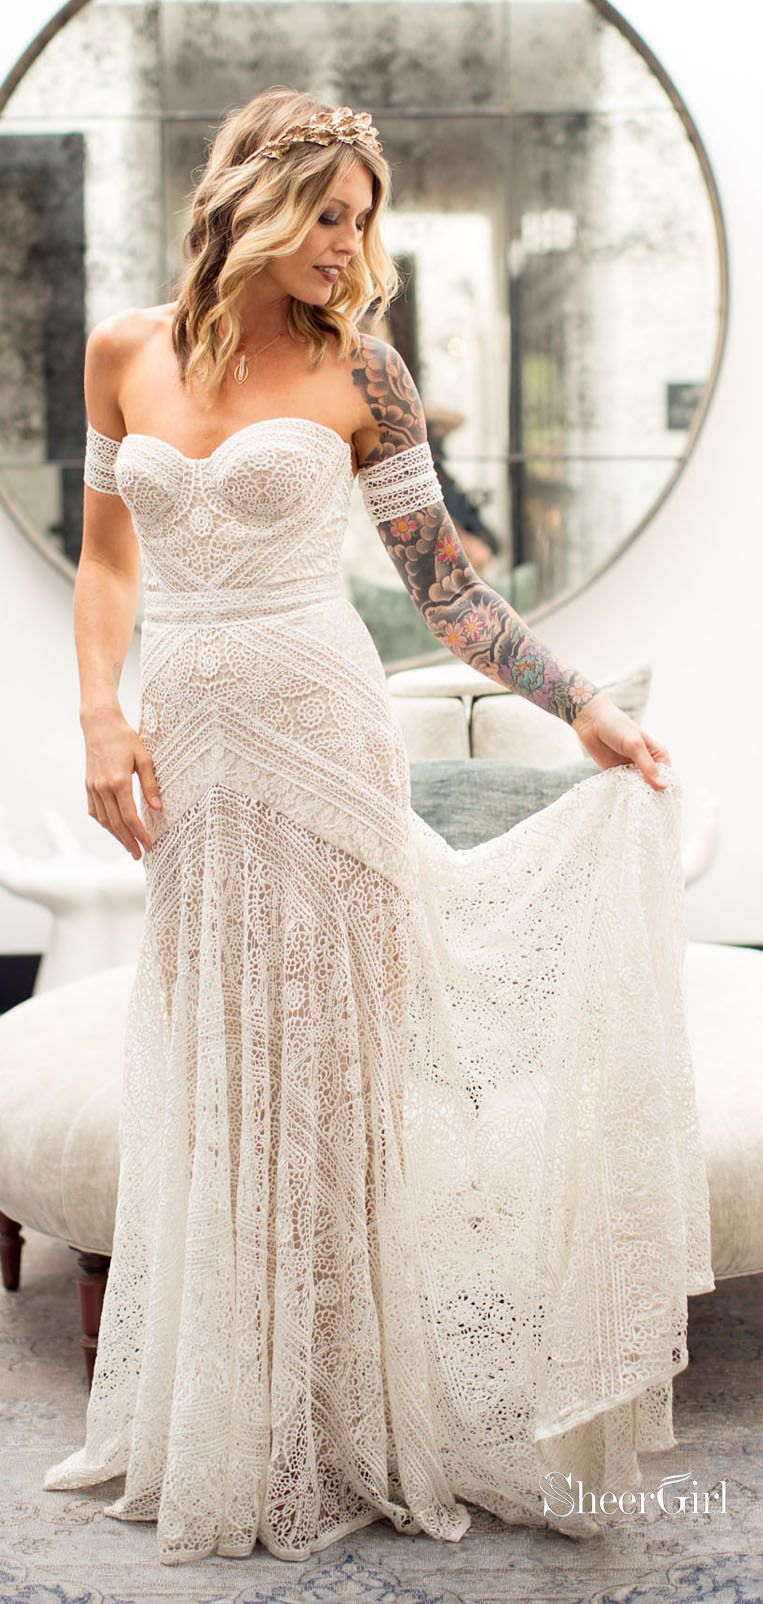 b3eb78fe1d Boho lace sheath wedding gown with arm band #bohowedding #bohoweddingdresses  #weddingdresses #weddingdress